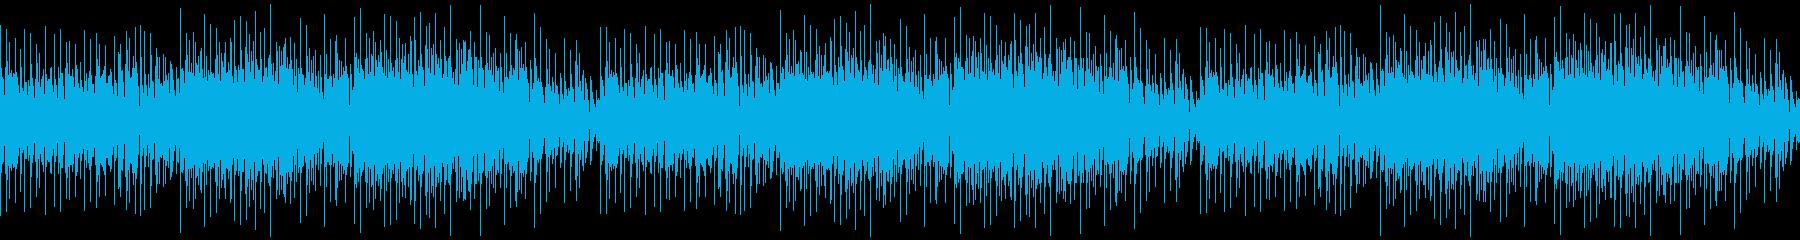 ゆるく、ほのぼのとしたフォークトロニカの再生済みの波形